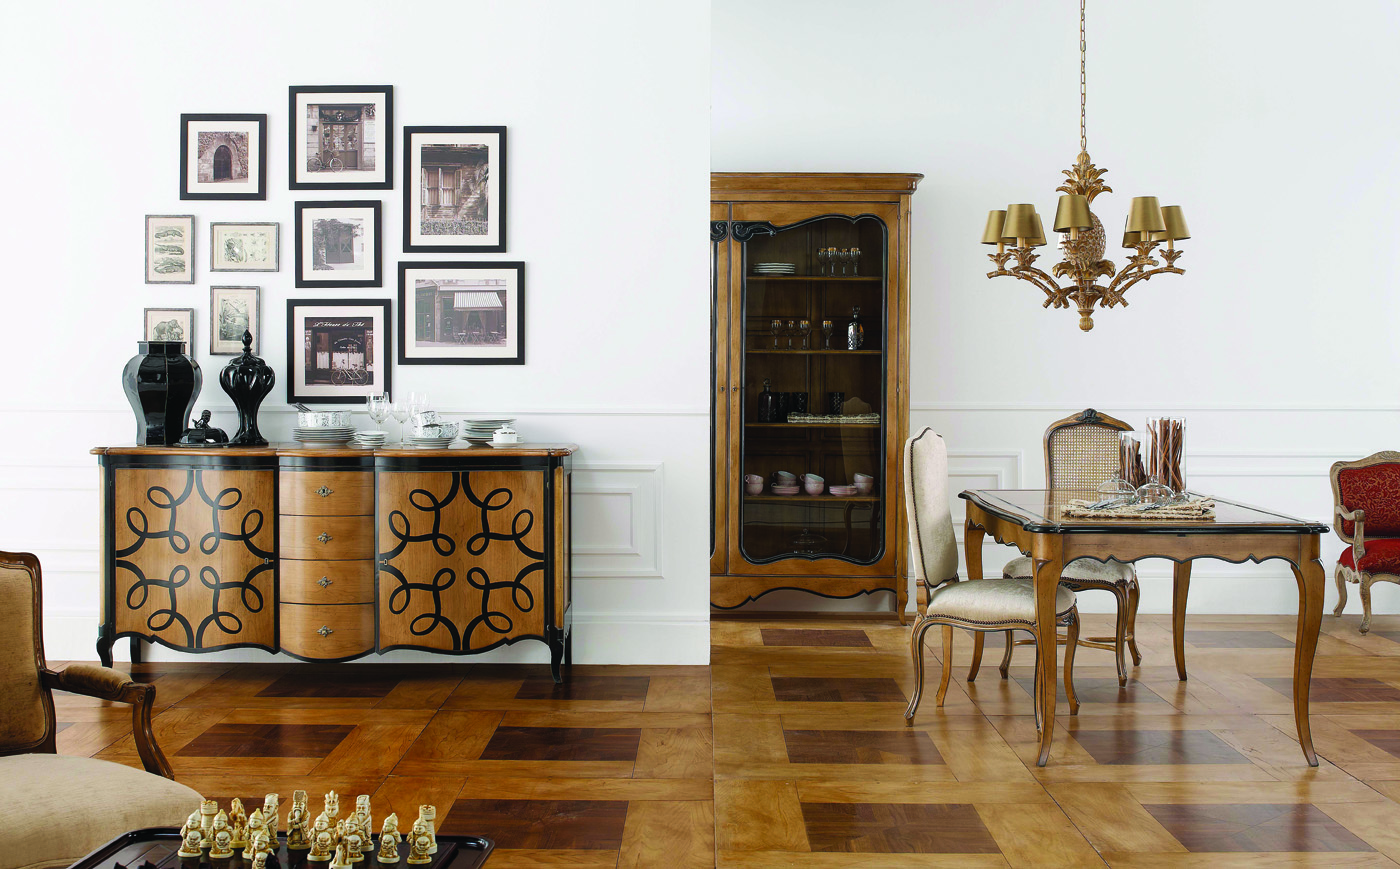 Muebles loval yecla obtenga ideas dise o de muebles para su hogar aqu - Fabricas de muebles en yecla ...